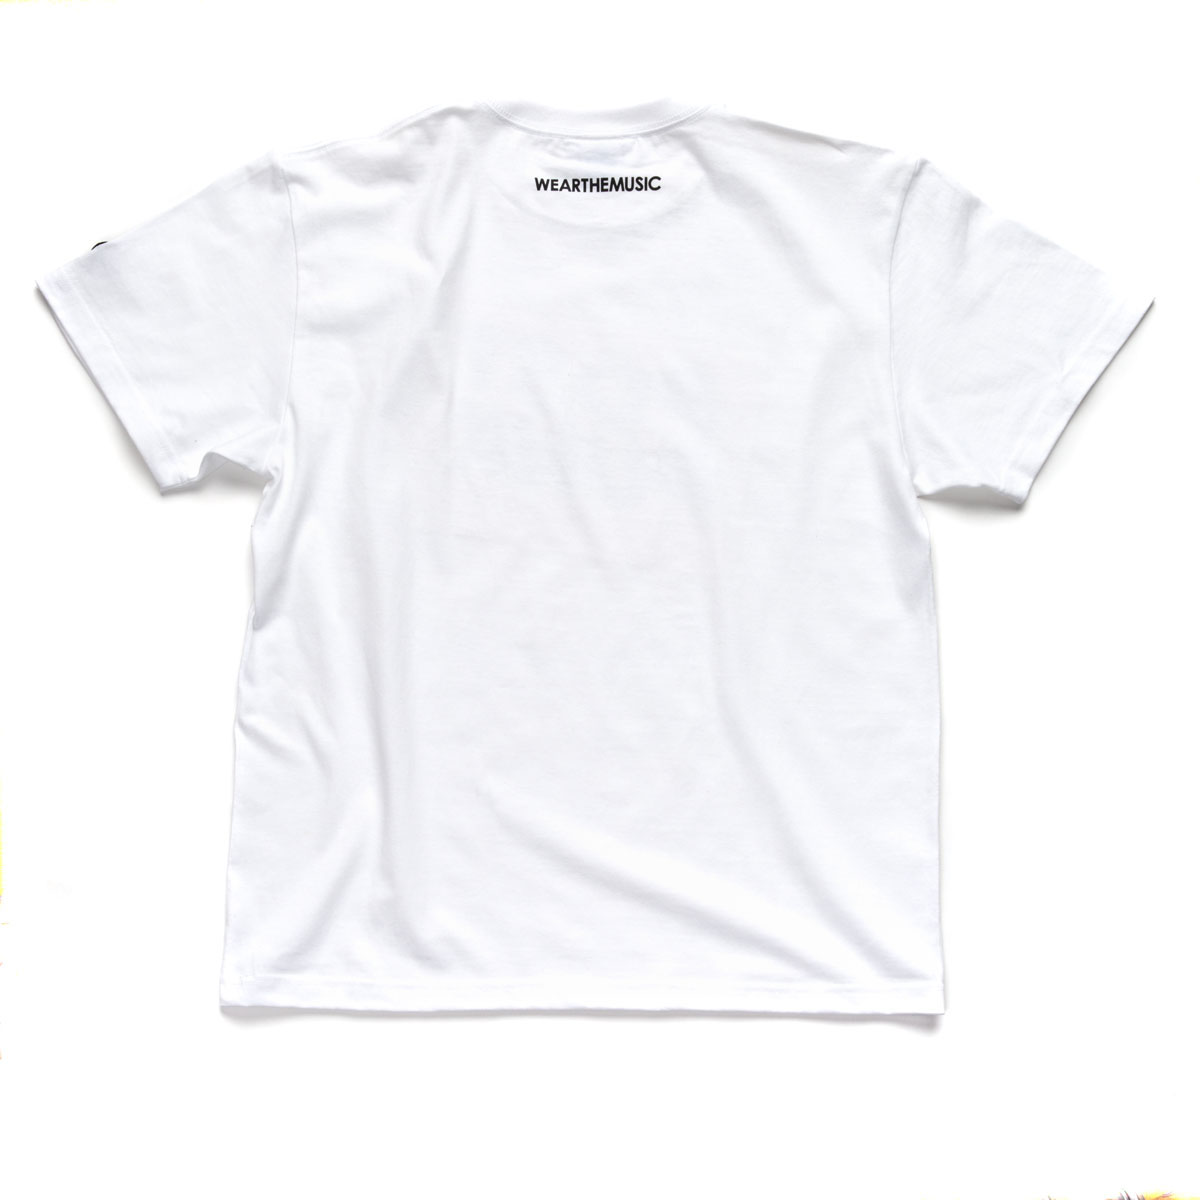 WTM_ジャンルT-Shirts 渋谷系 ブラック